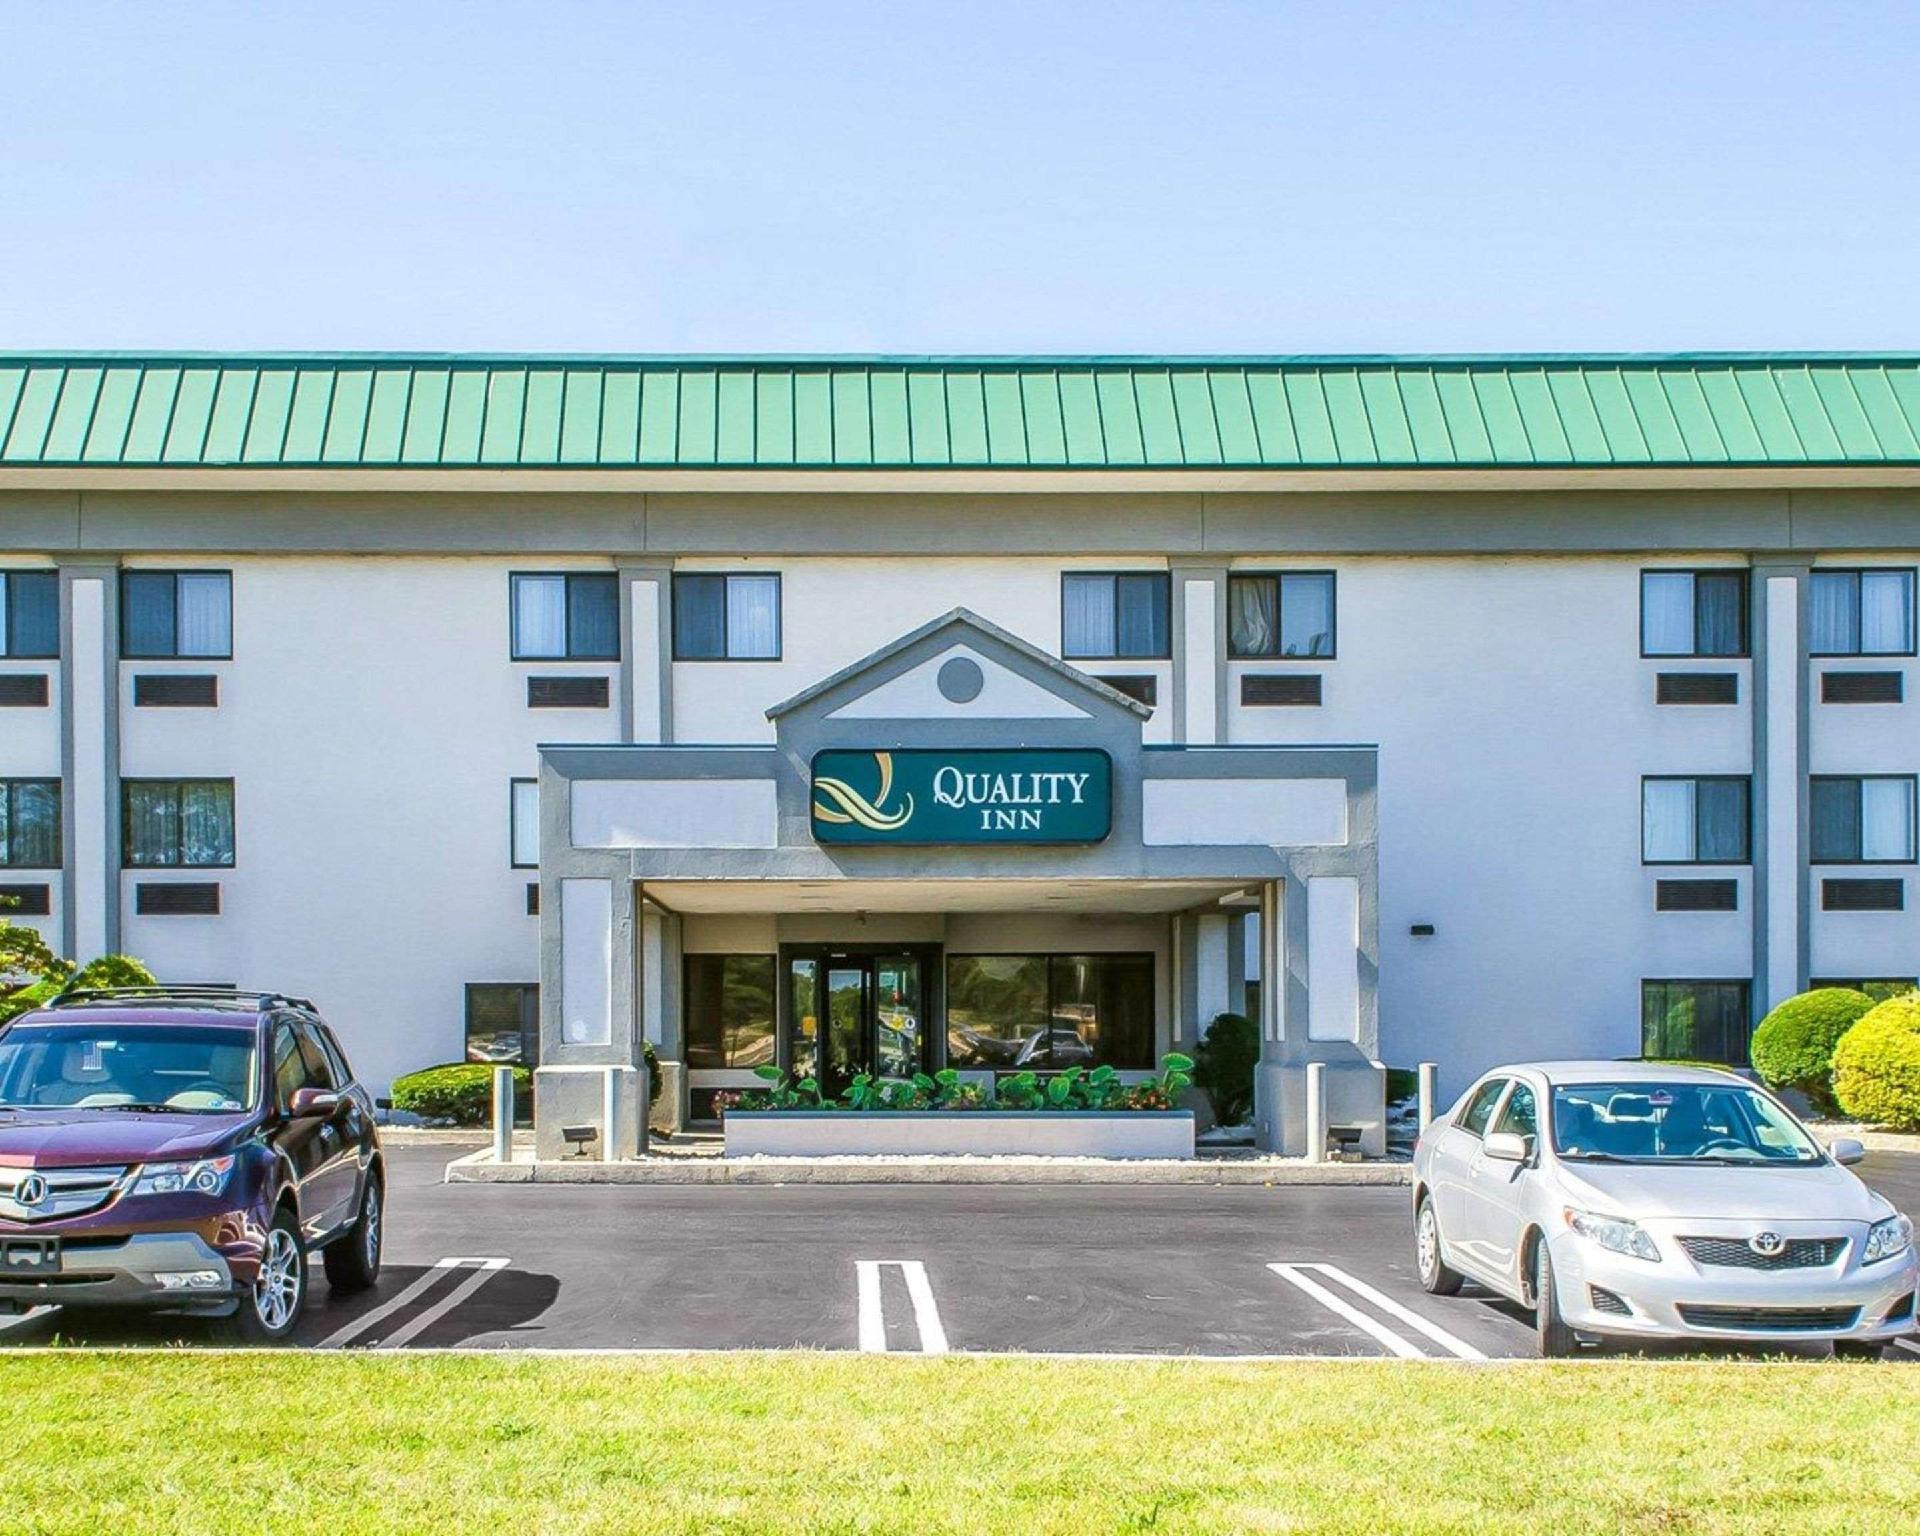 Quality Inn Harrisburg   Hershey Area